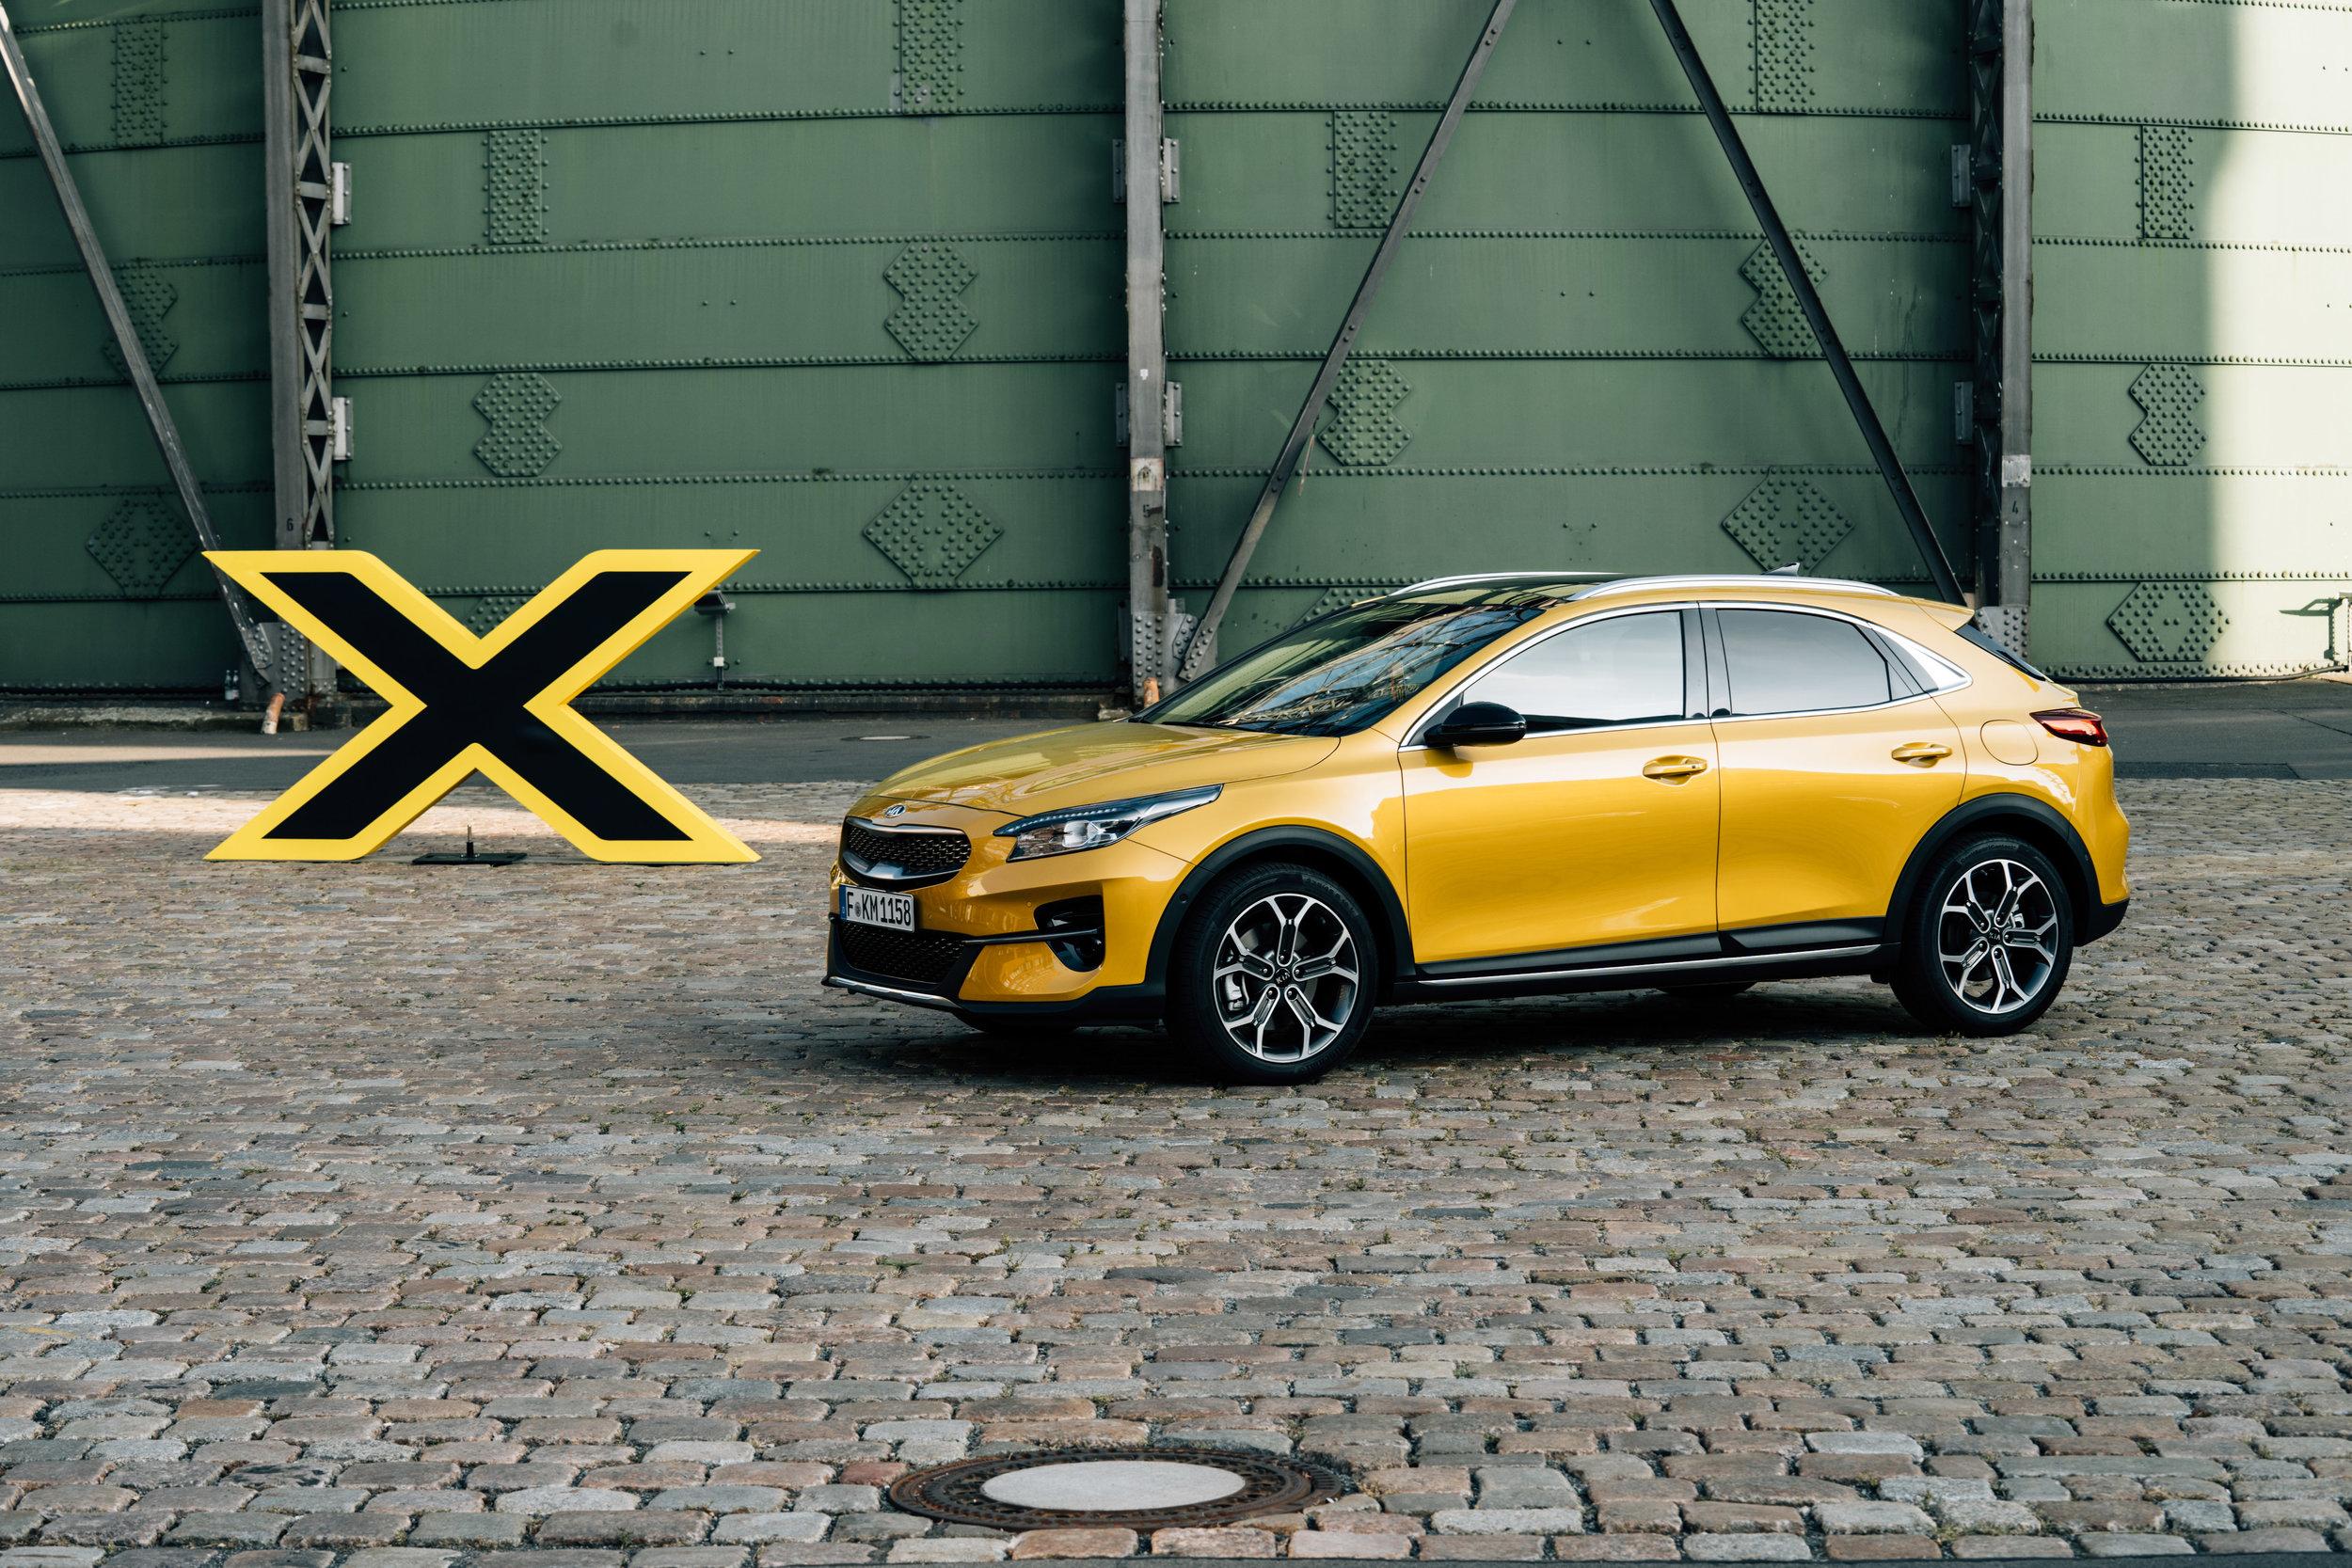 Kia XCeed / Berlin - The new Kia XCeed in Berlin (Germany).